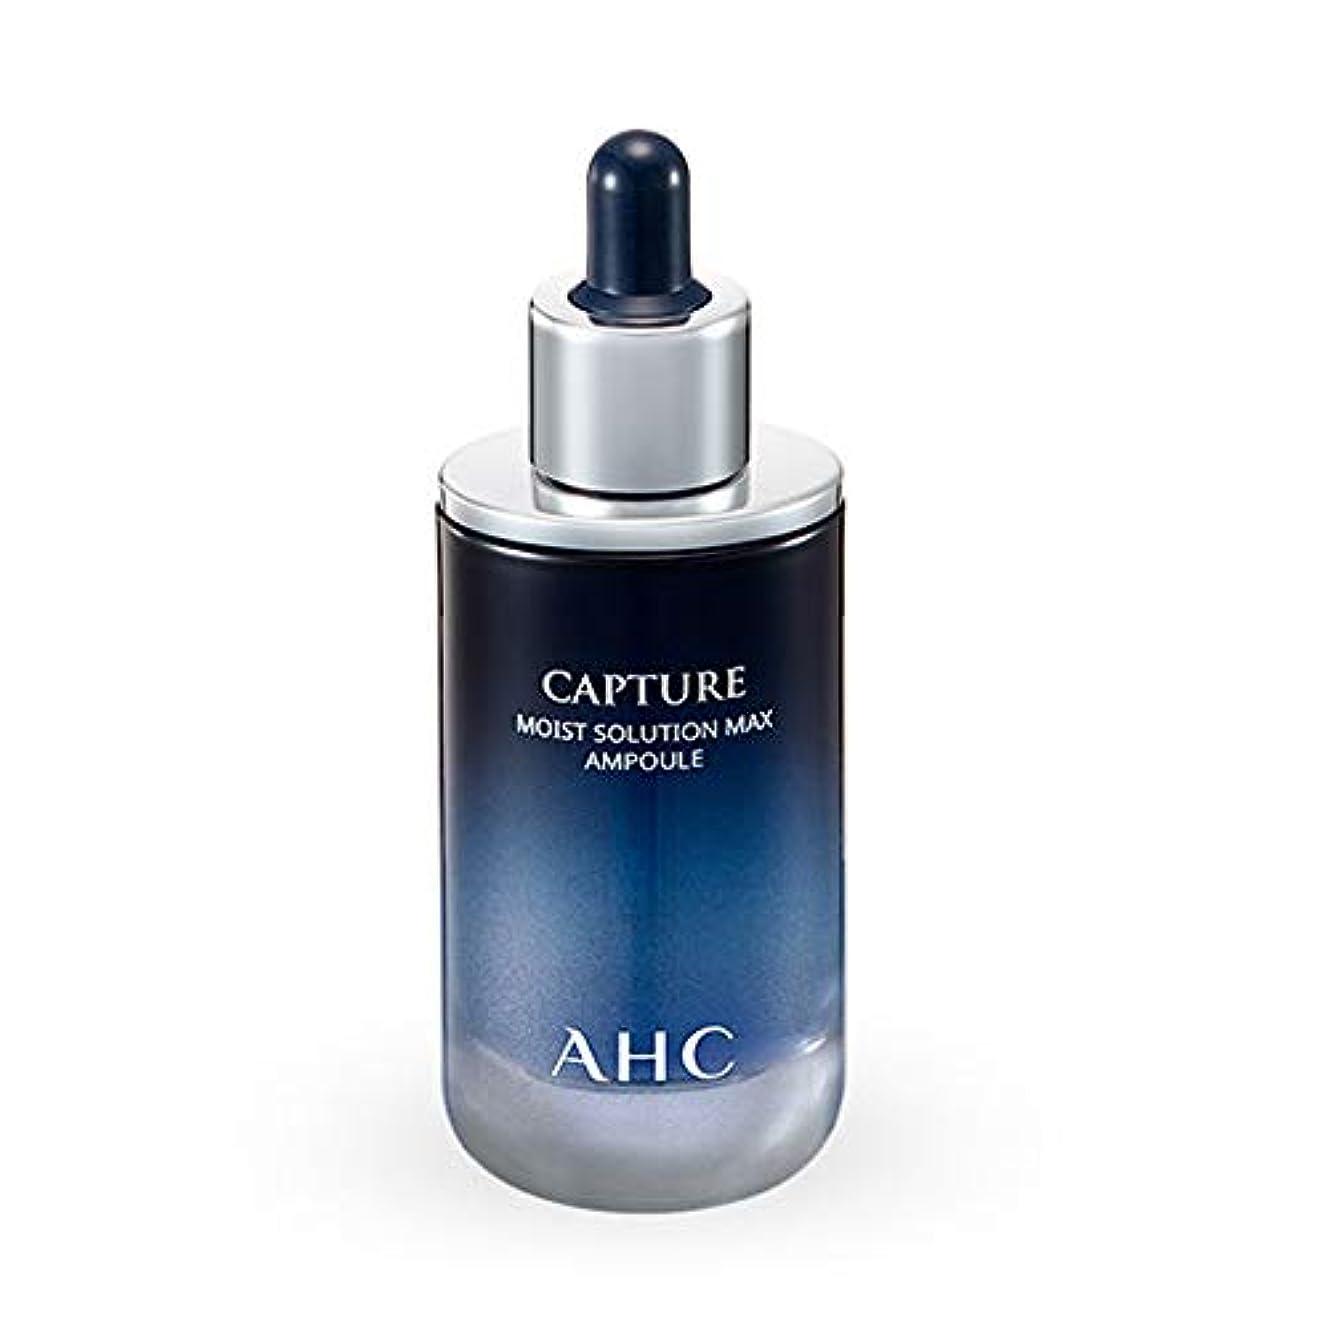 反対刺す予備AHC(エーエイチシー) キャプチャーモイスト ソリューションマックスアンプル50ml2本セット